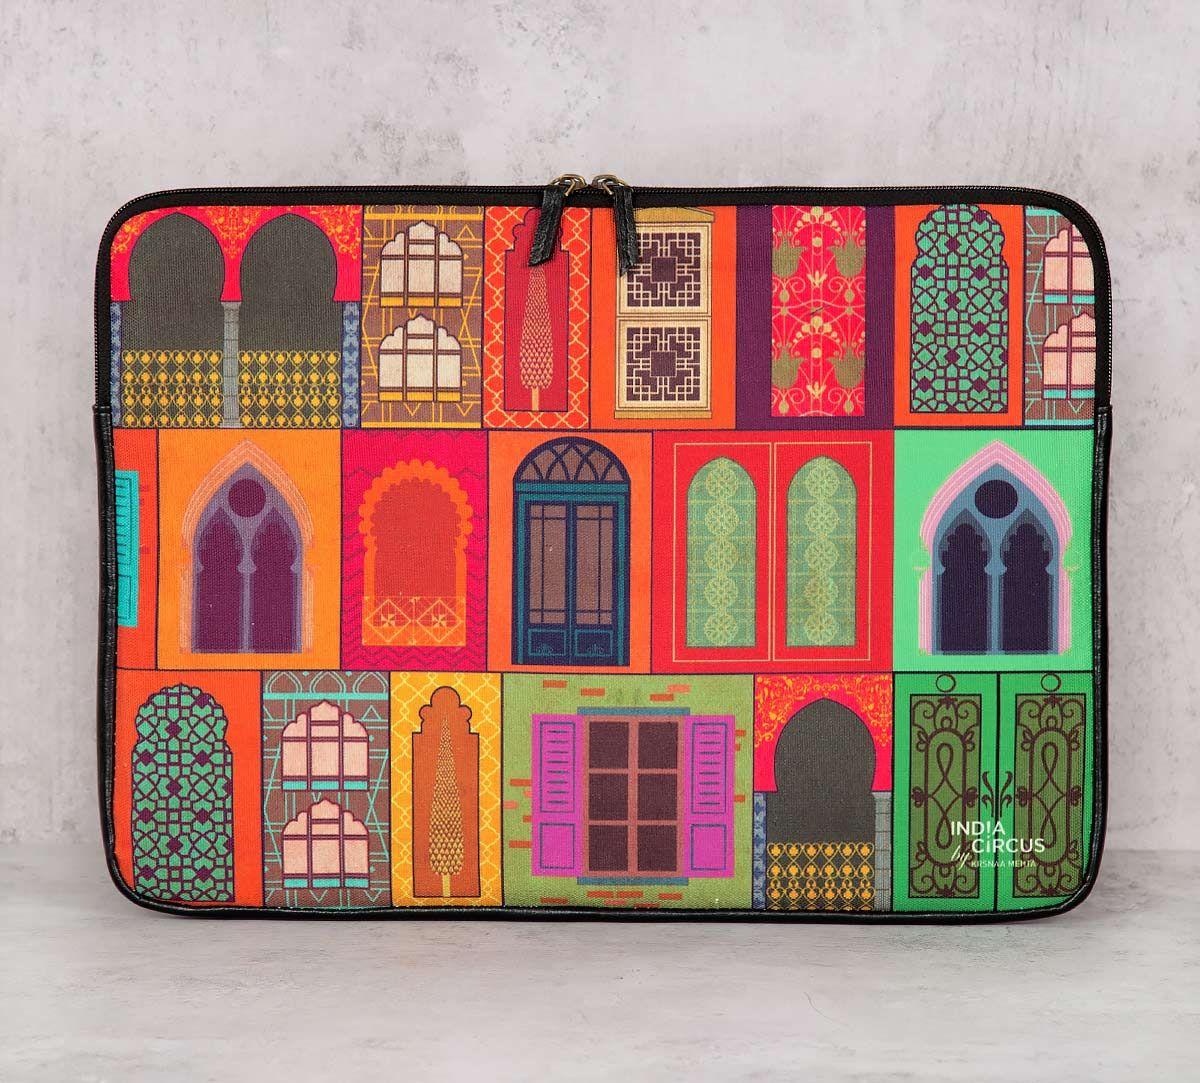 India Circus Mughal Doors Reiteration Laptop Sleeve